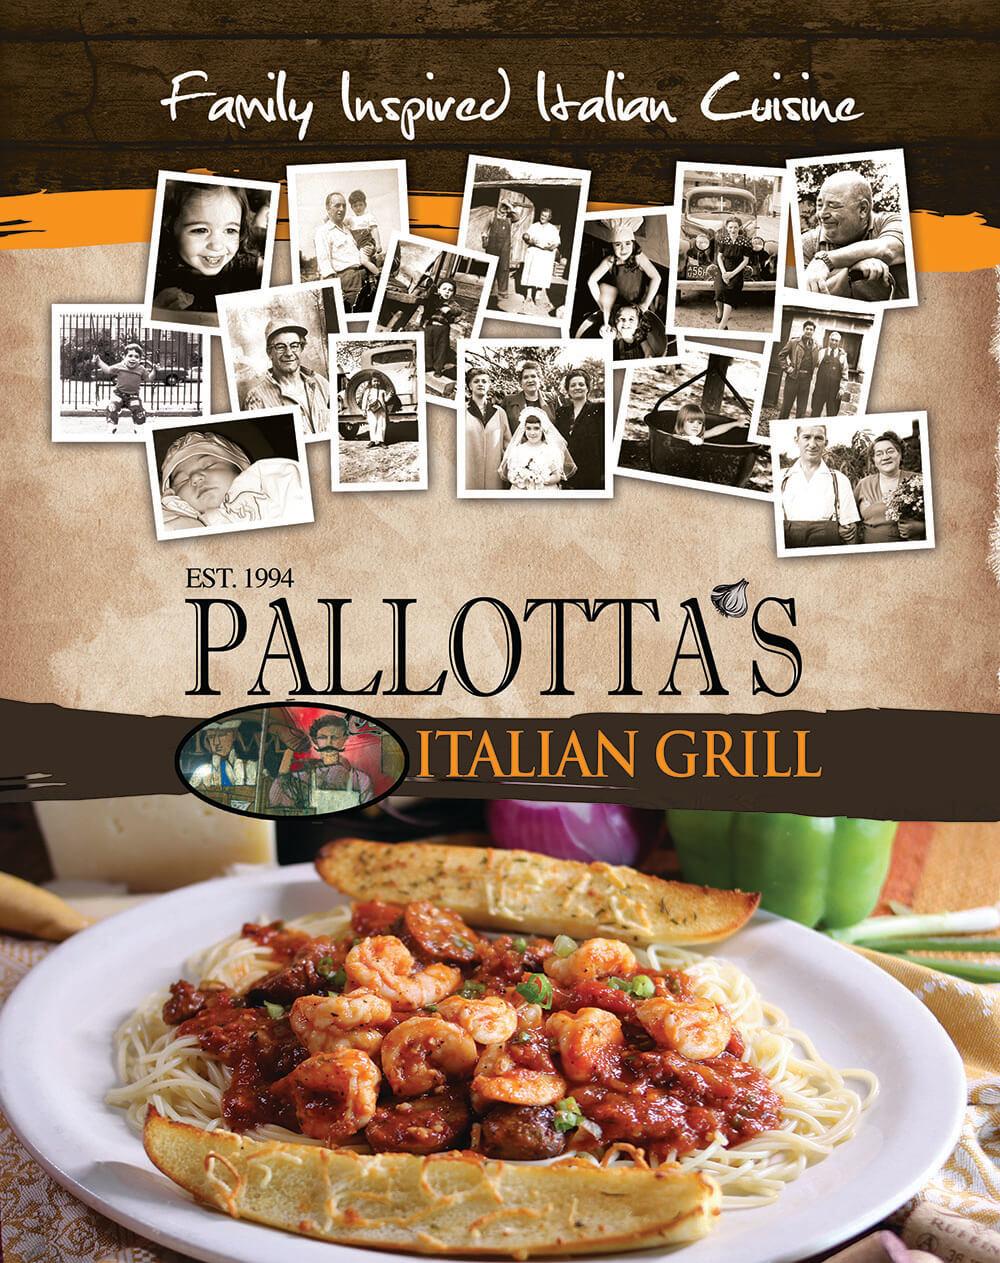 pallotta's Italian grill menu cover